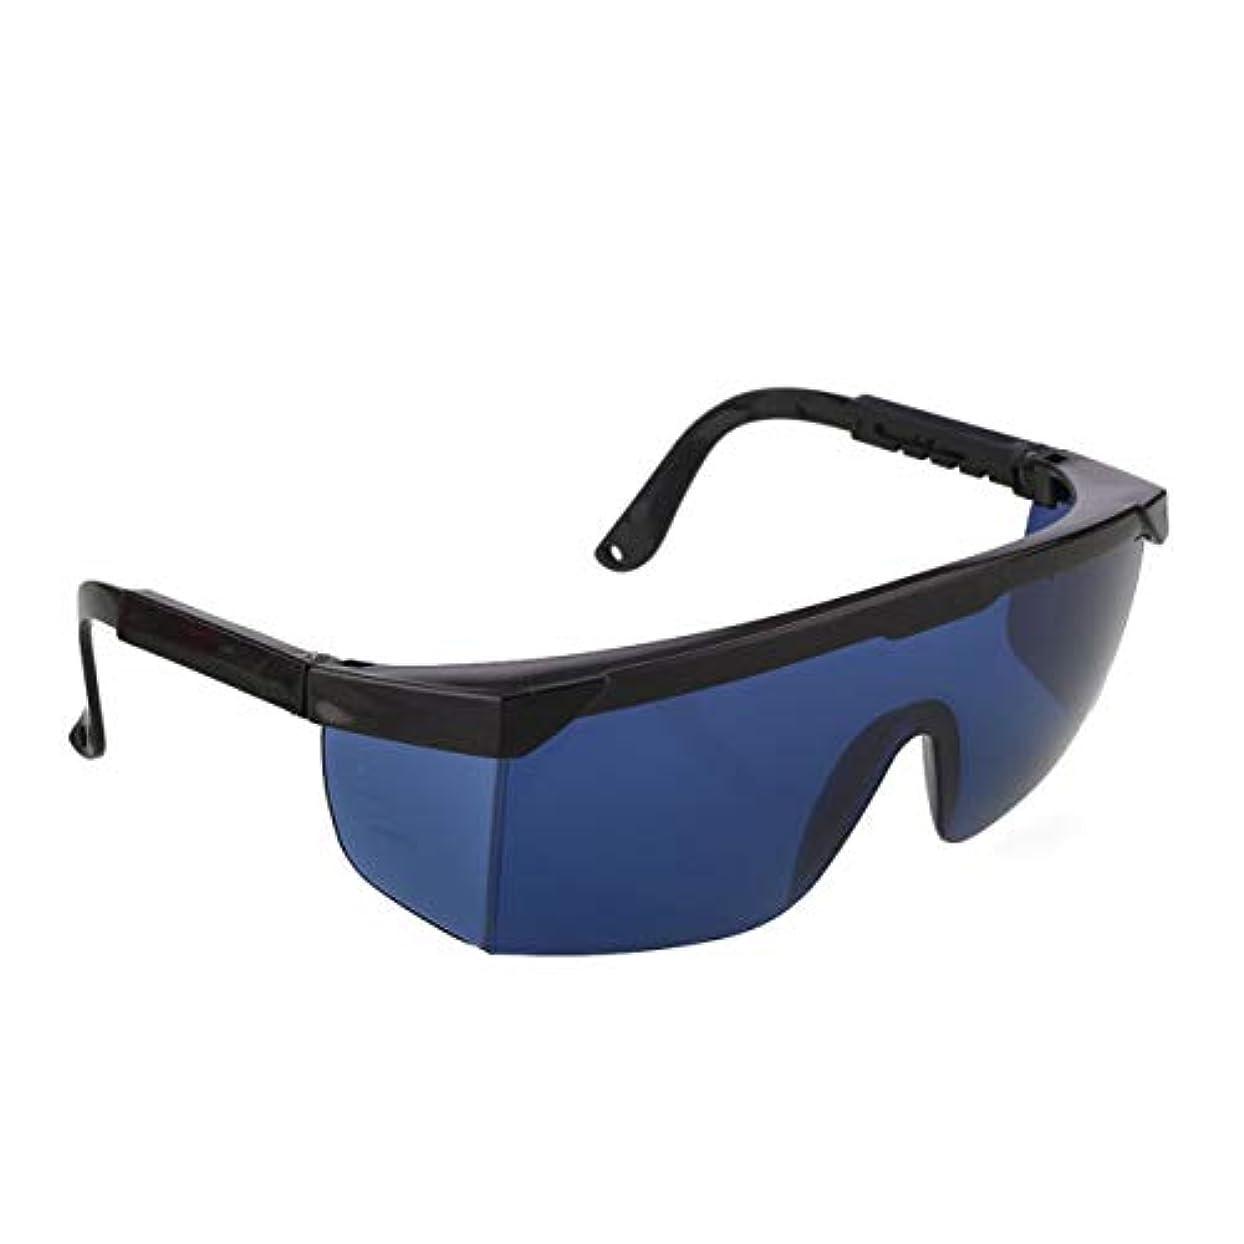 マガジン傘軽蔑Saikogoods 除毛クリーム ポイント脱毛保護メガネユニバーサルゴーグル眼鏡を凍結IPL/E-光OPTのためのレーザー保護メガネ 青